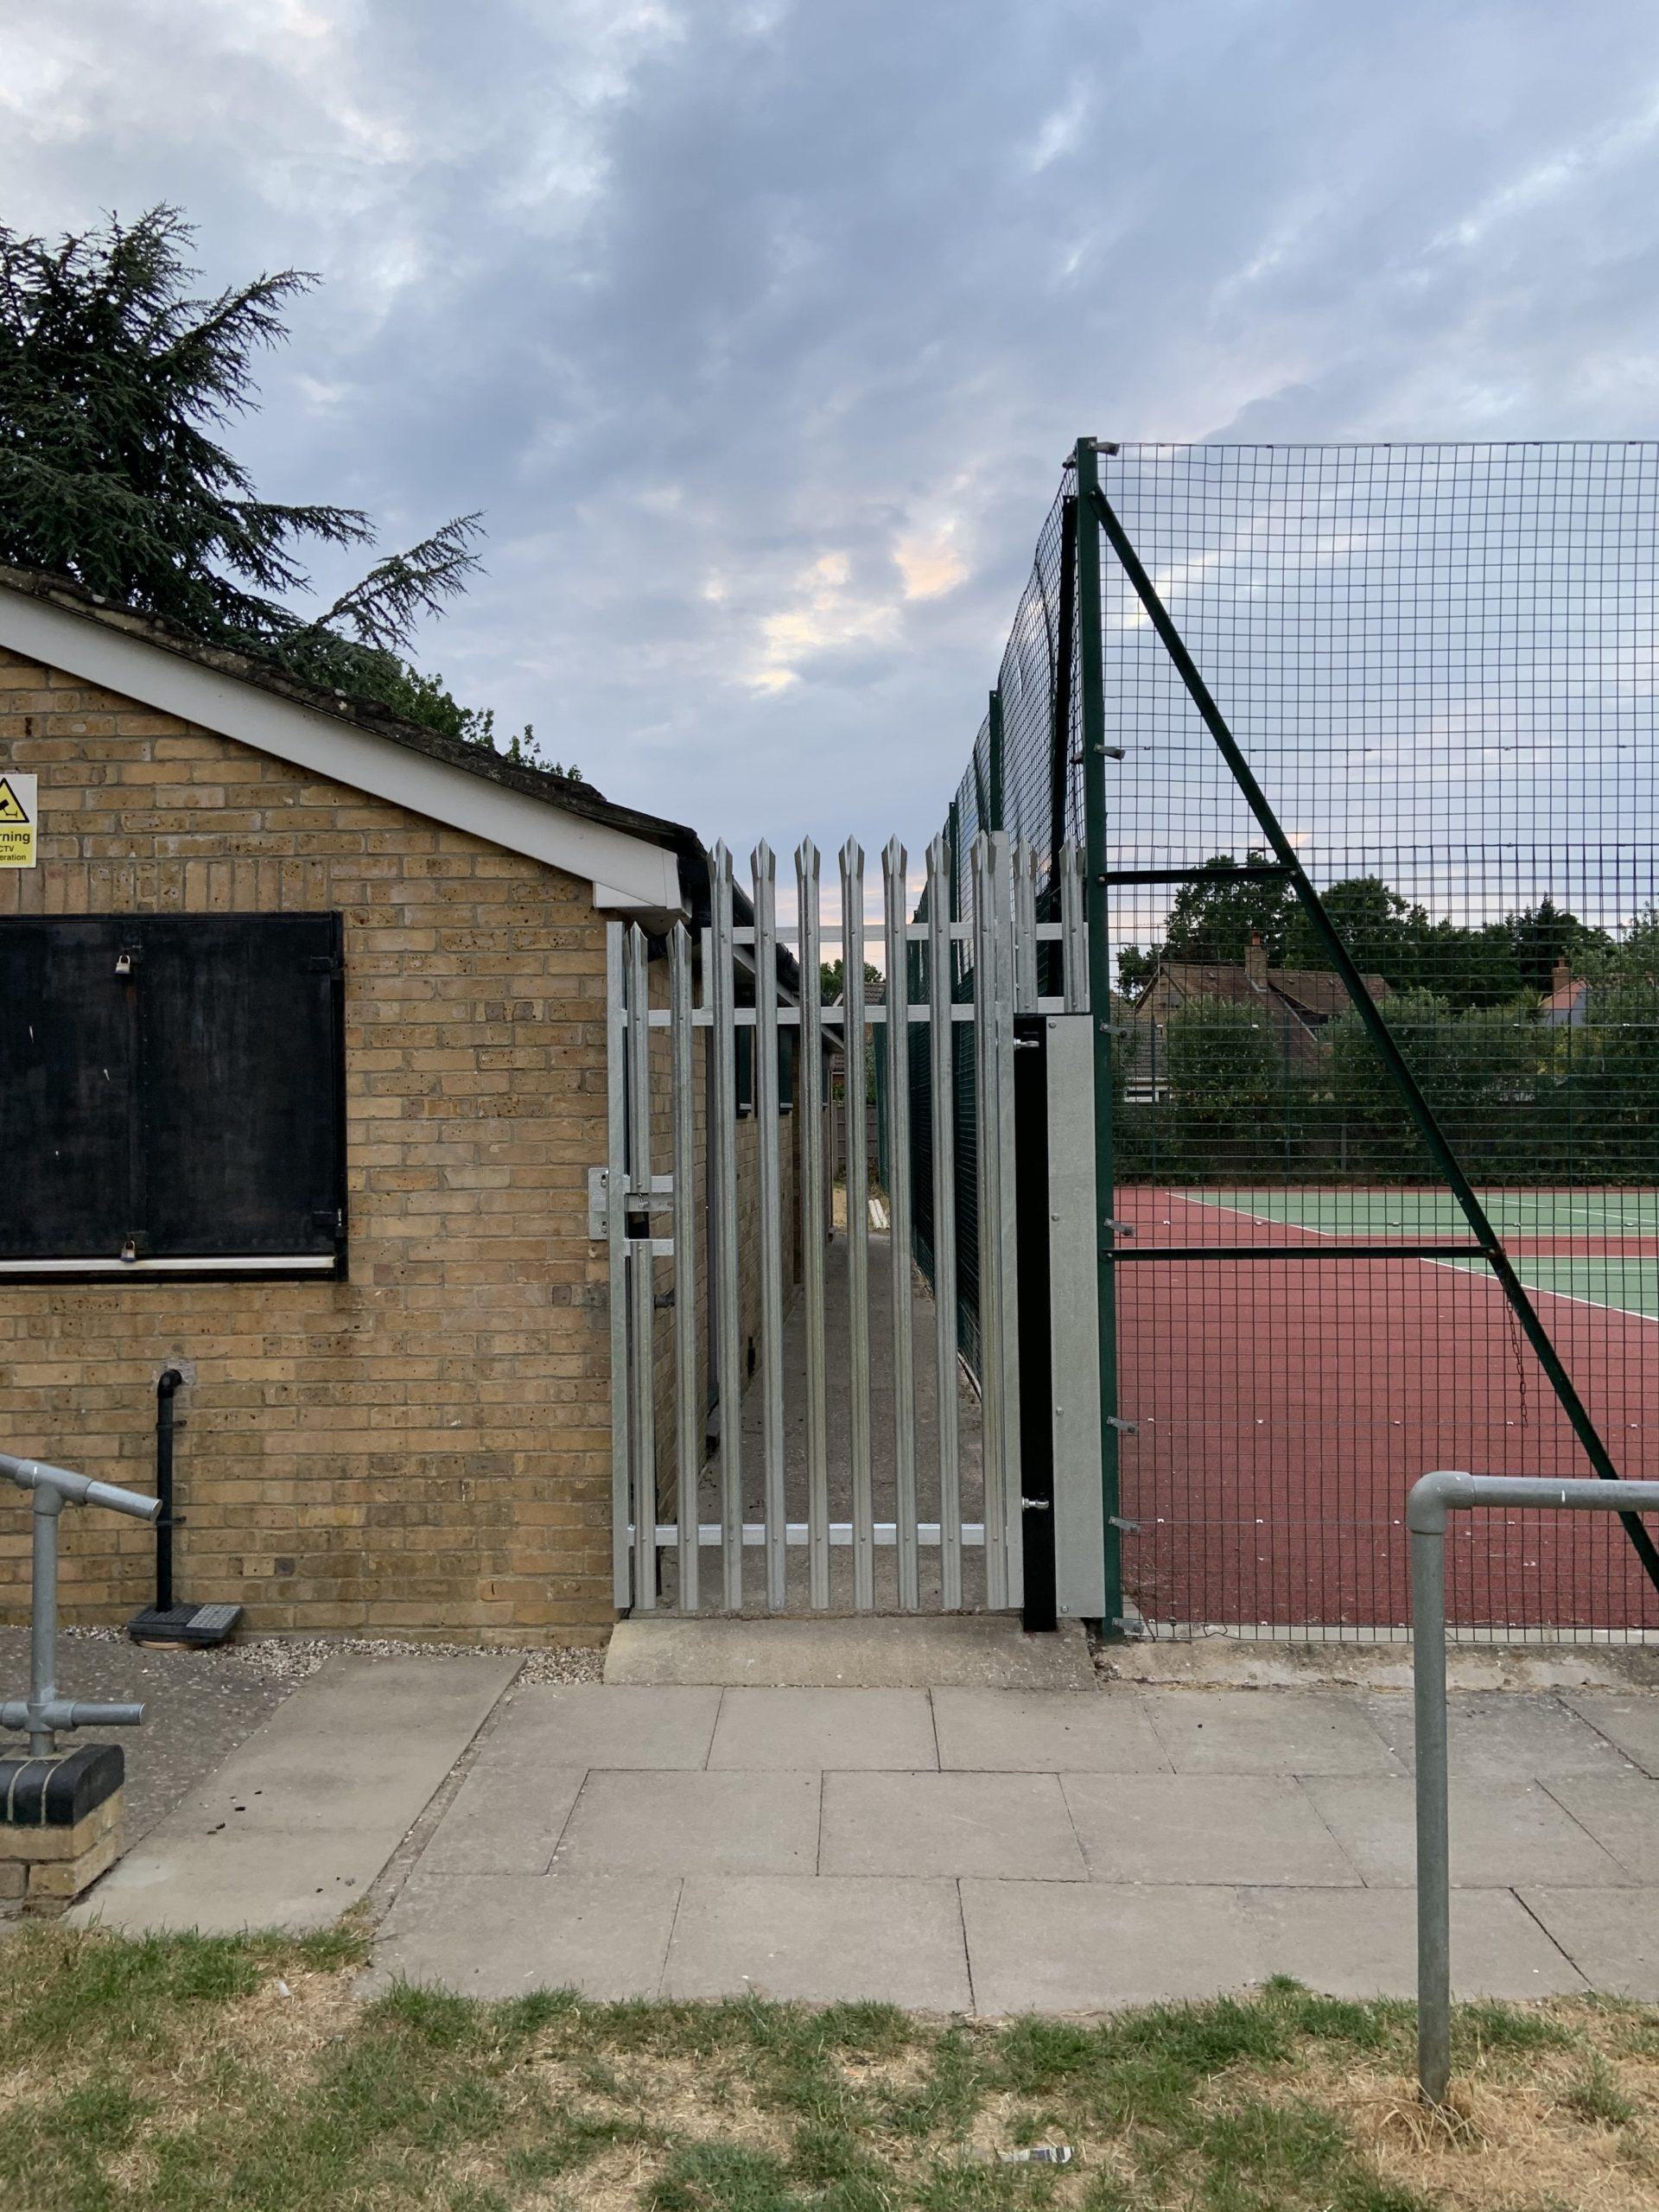 Palisade, Gate, Galvanised, Fabricated, Fabrication, Metalwork, Steel, Welding, Security, Essex.